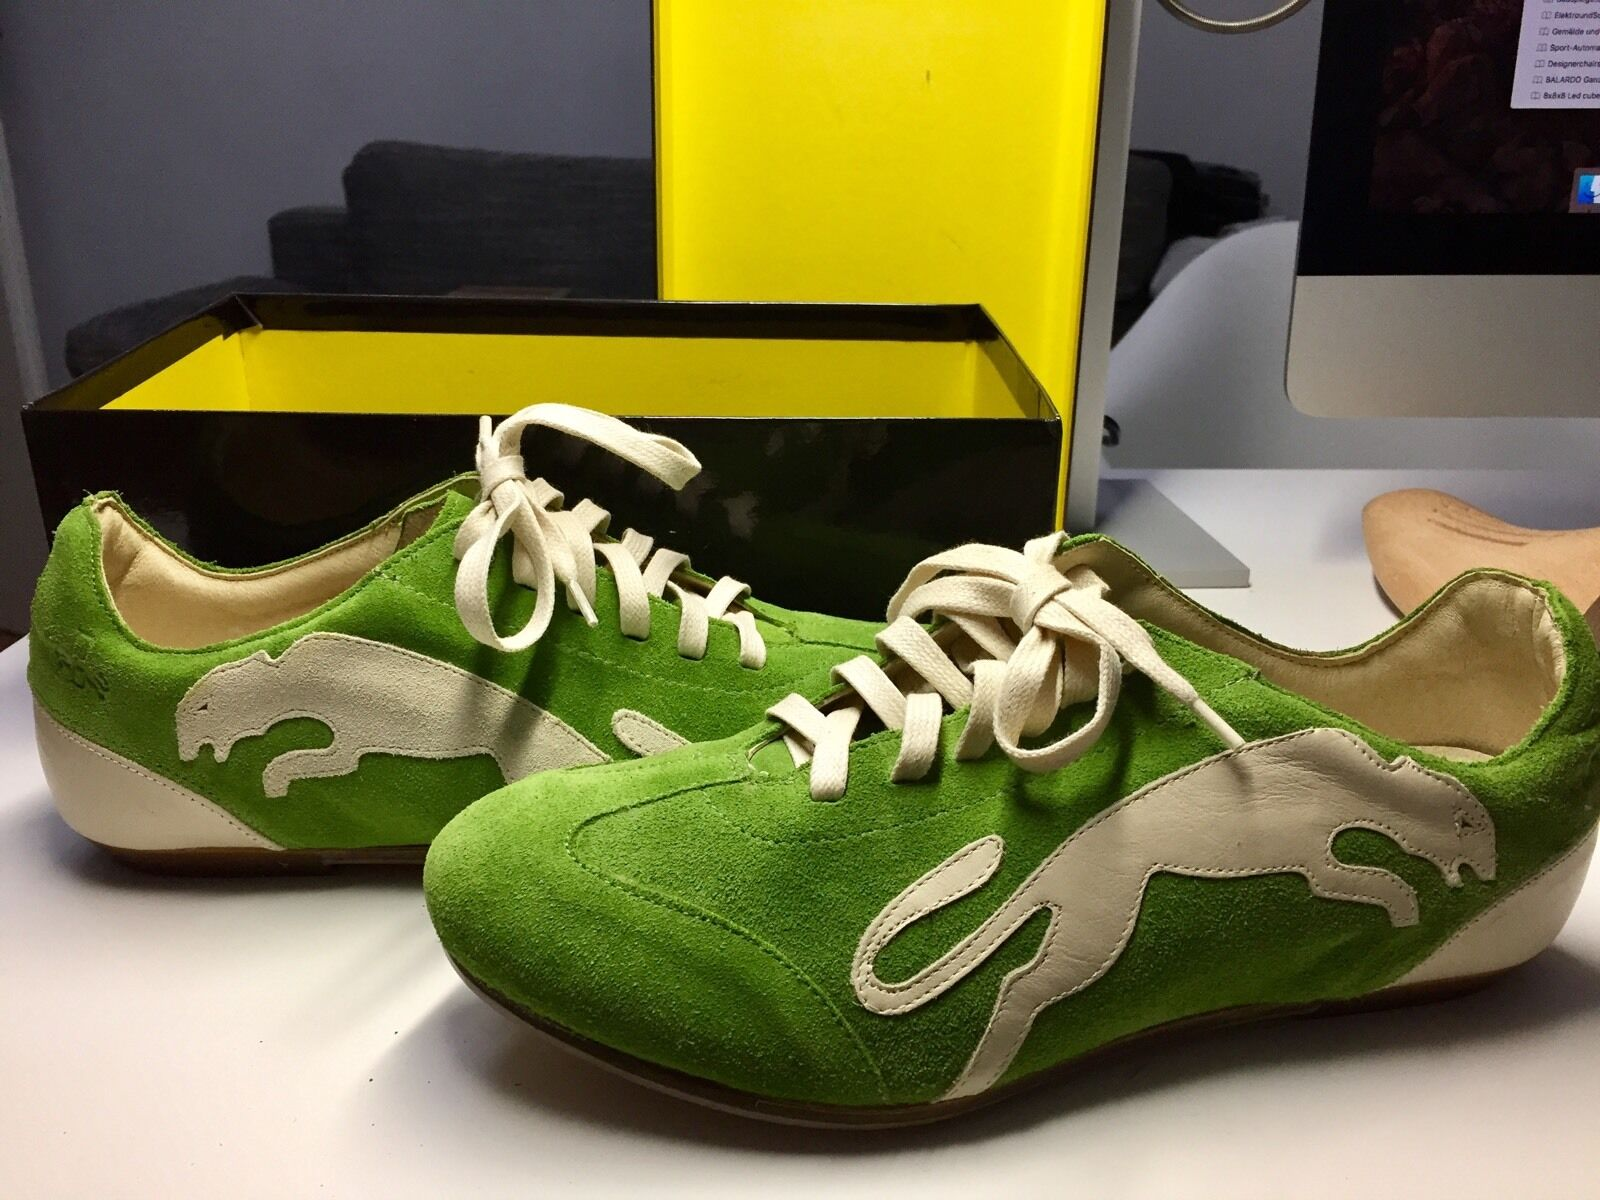 Puma Sneaker by Alexander van Slobbe Gr. 40